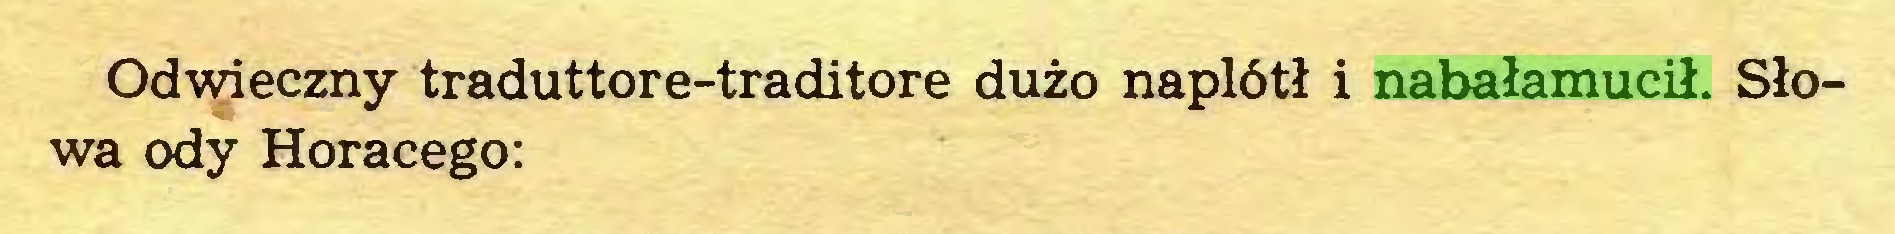 (...) Odwieczny traduttore-traditore dużo naplótł i nabałamucił. Słowa ody Horacego:...